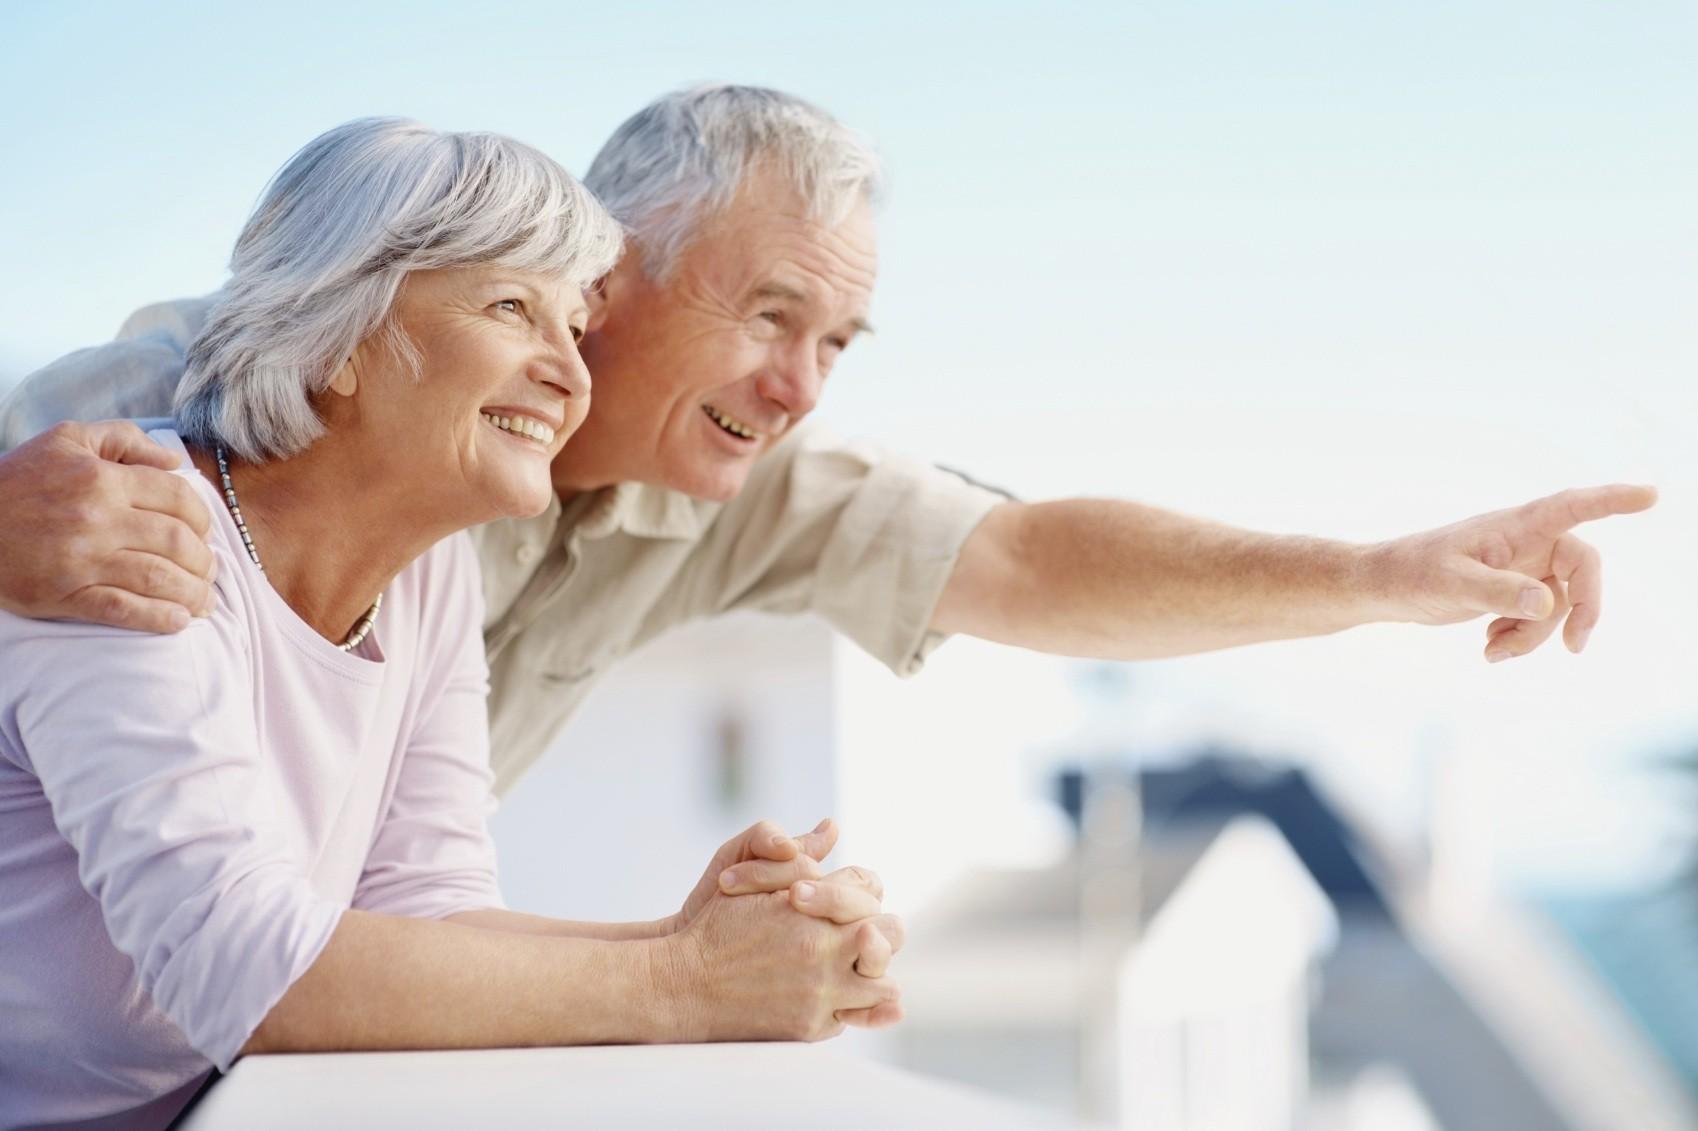 Hồi phục sức khỏe cho người bị suy nhược, đau lưng, mỏi gối